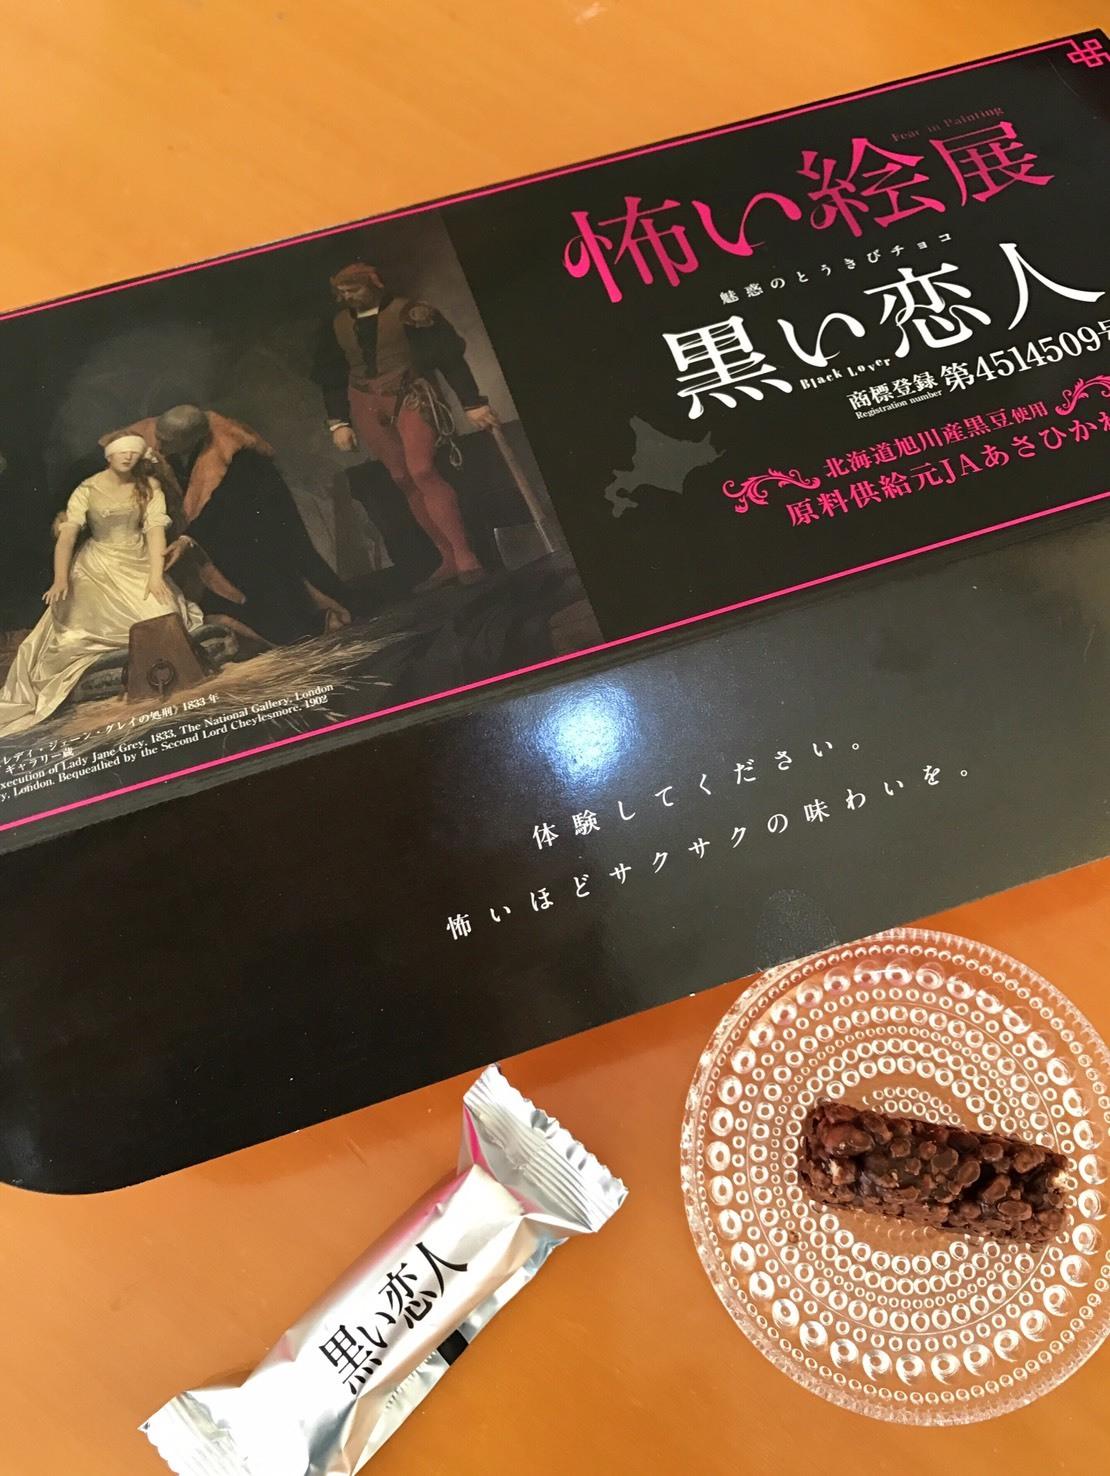 「怖い絵展」と黒い恋人_1_4